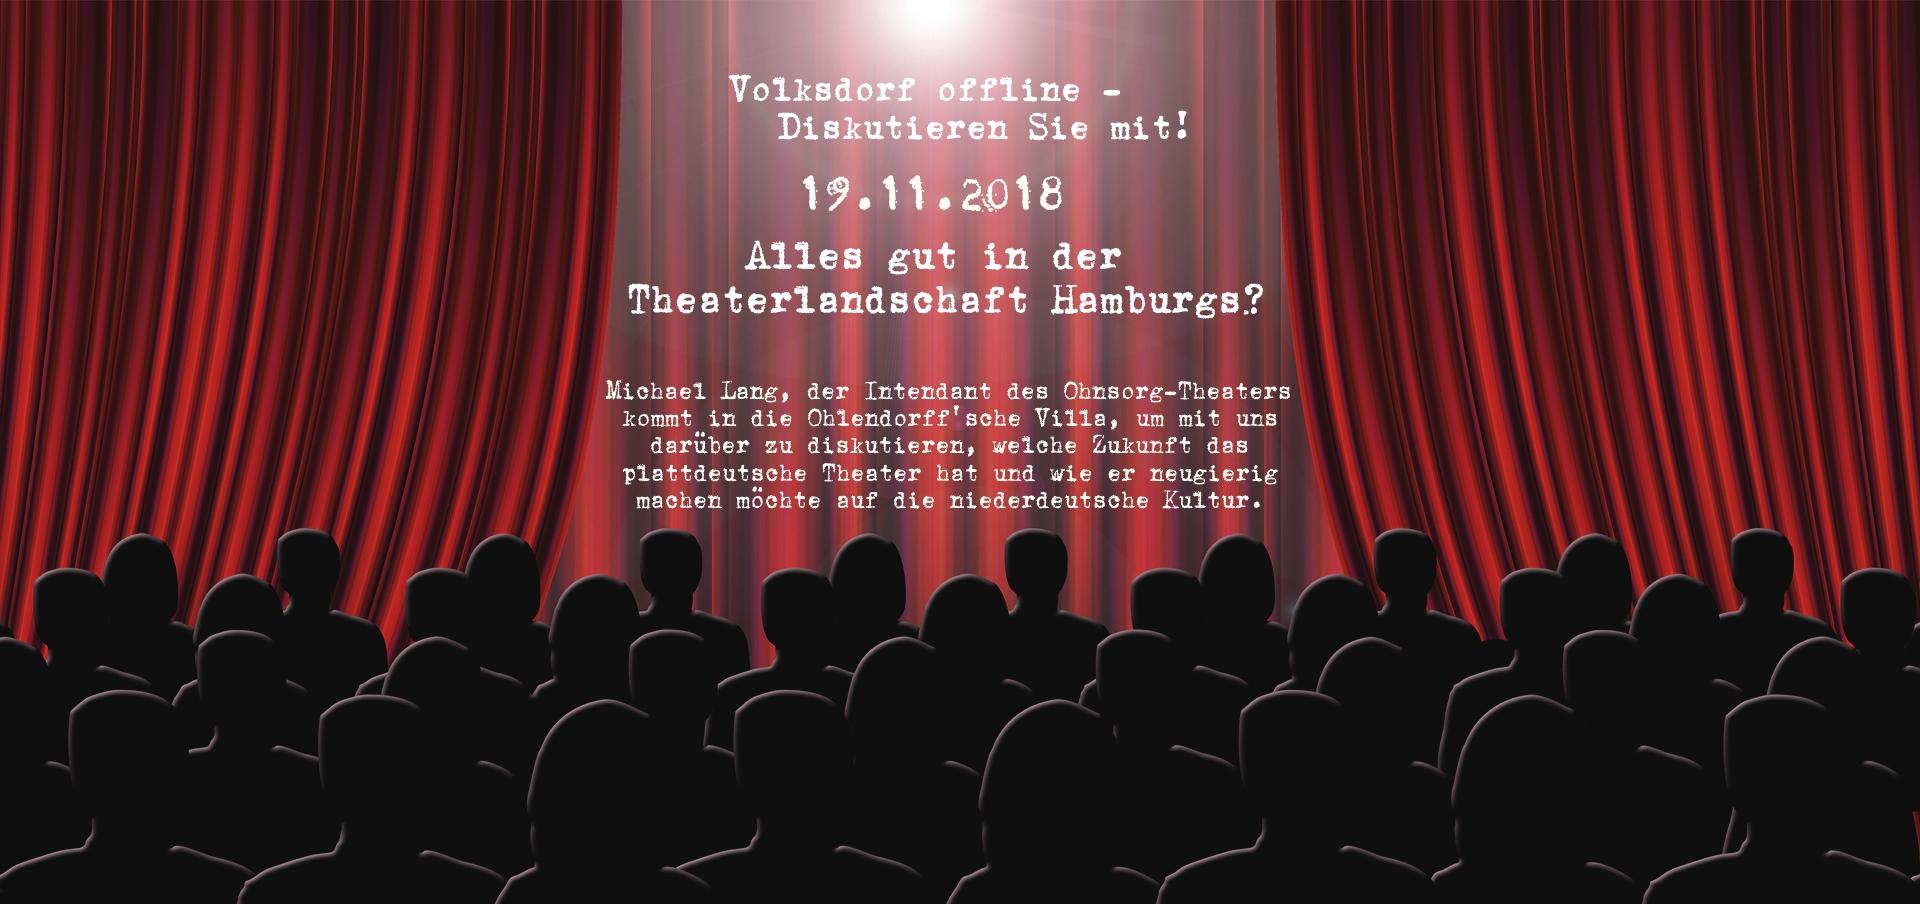 Alles gut in der Theaterlandschaft Hamburgs